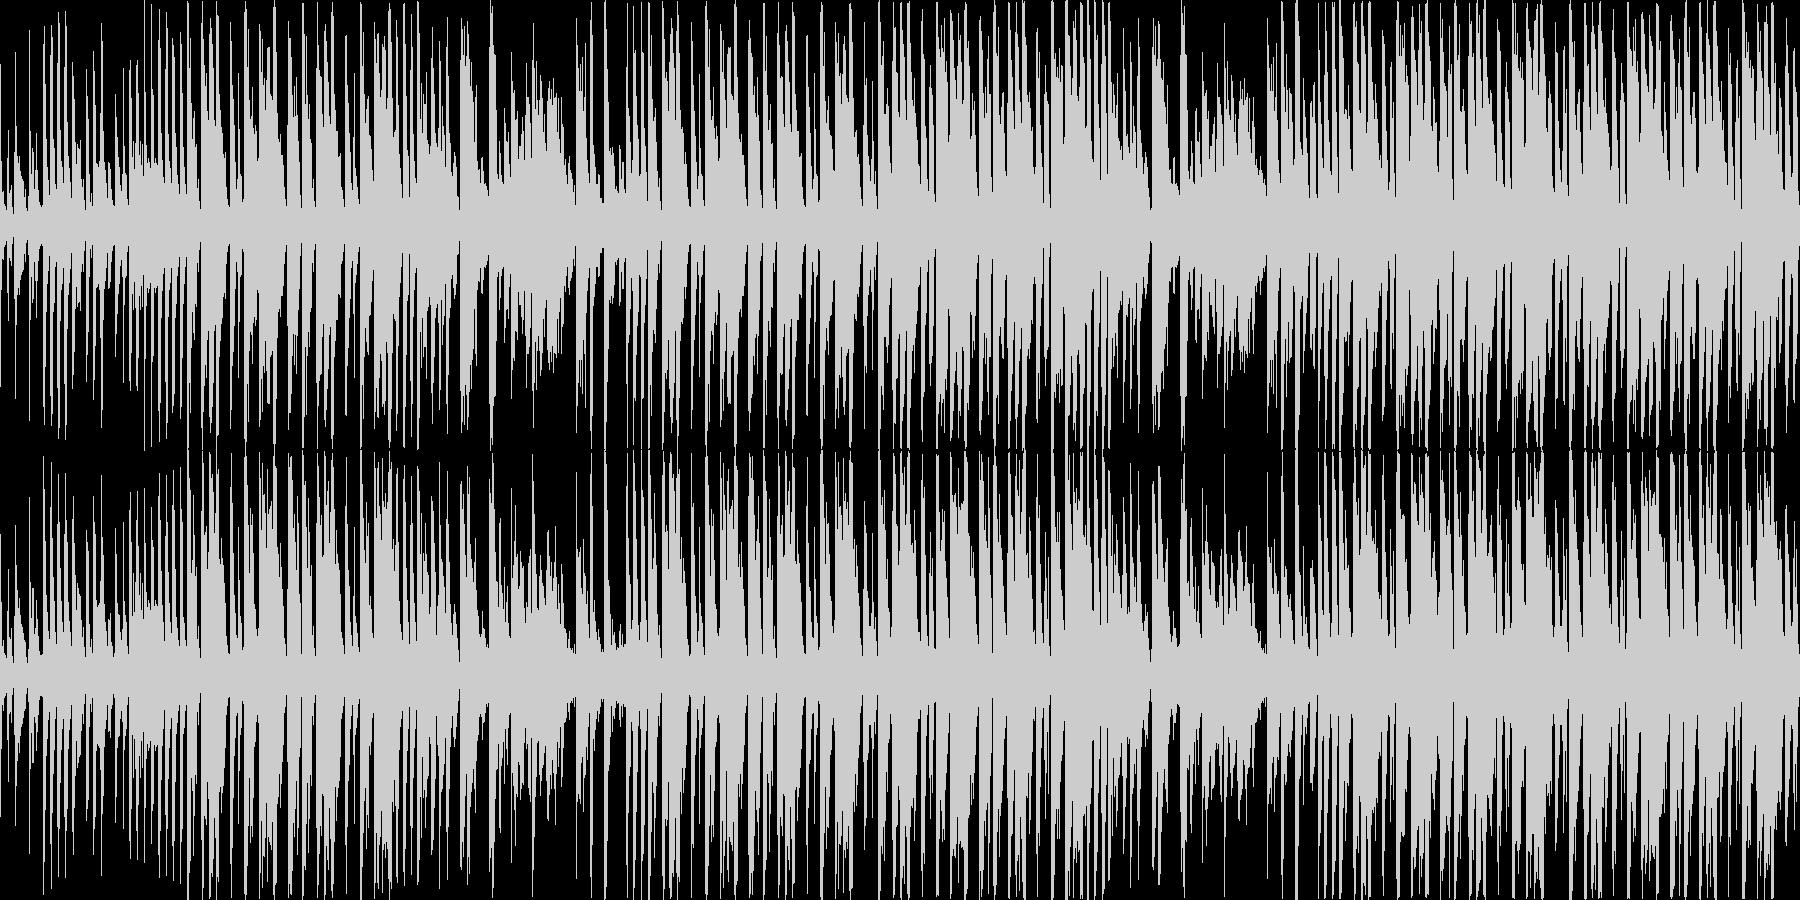 【30秒】ファンキーなブレイクビーツの未再生の波形